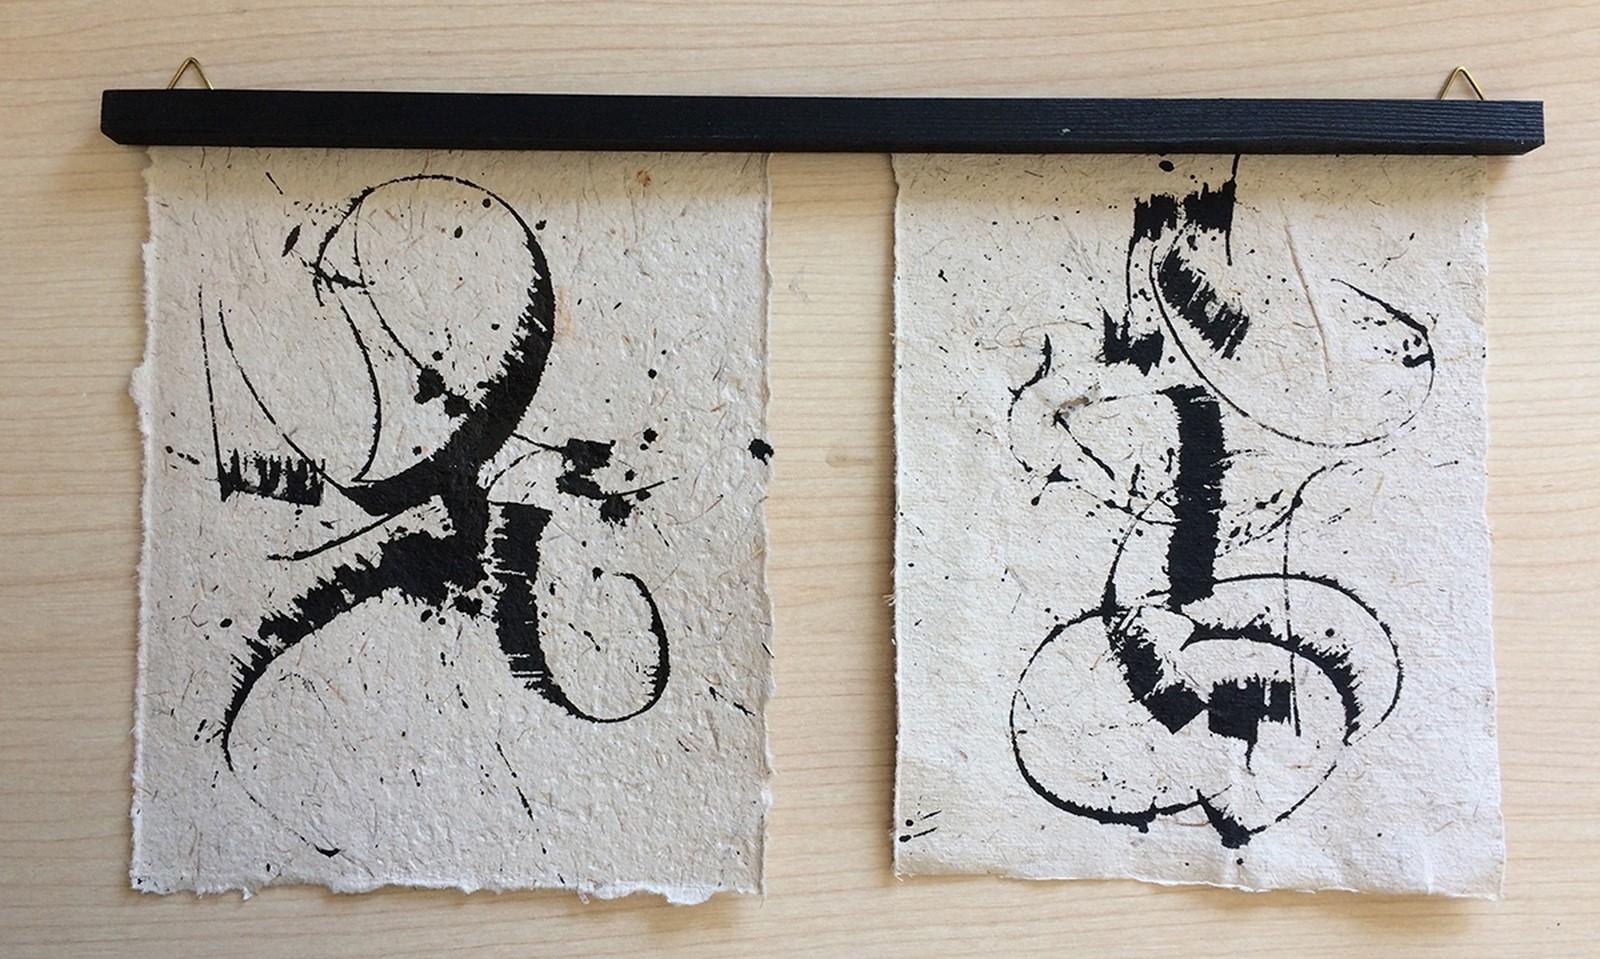 """<p>""""Asemik Denemeler…"""", El yapımı kağıt üzerine manuel mürekkep uygulaması, 2020.<br /><em>""""Asemic Practice…"""", Manuel ink practice on handmade paper, 2020.</em></p>"""